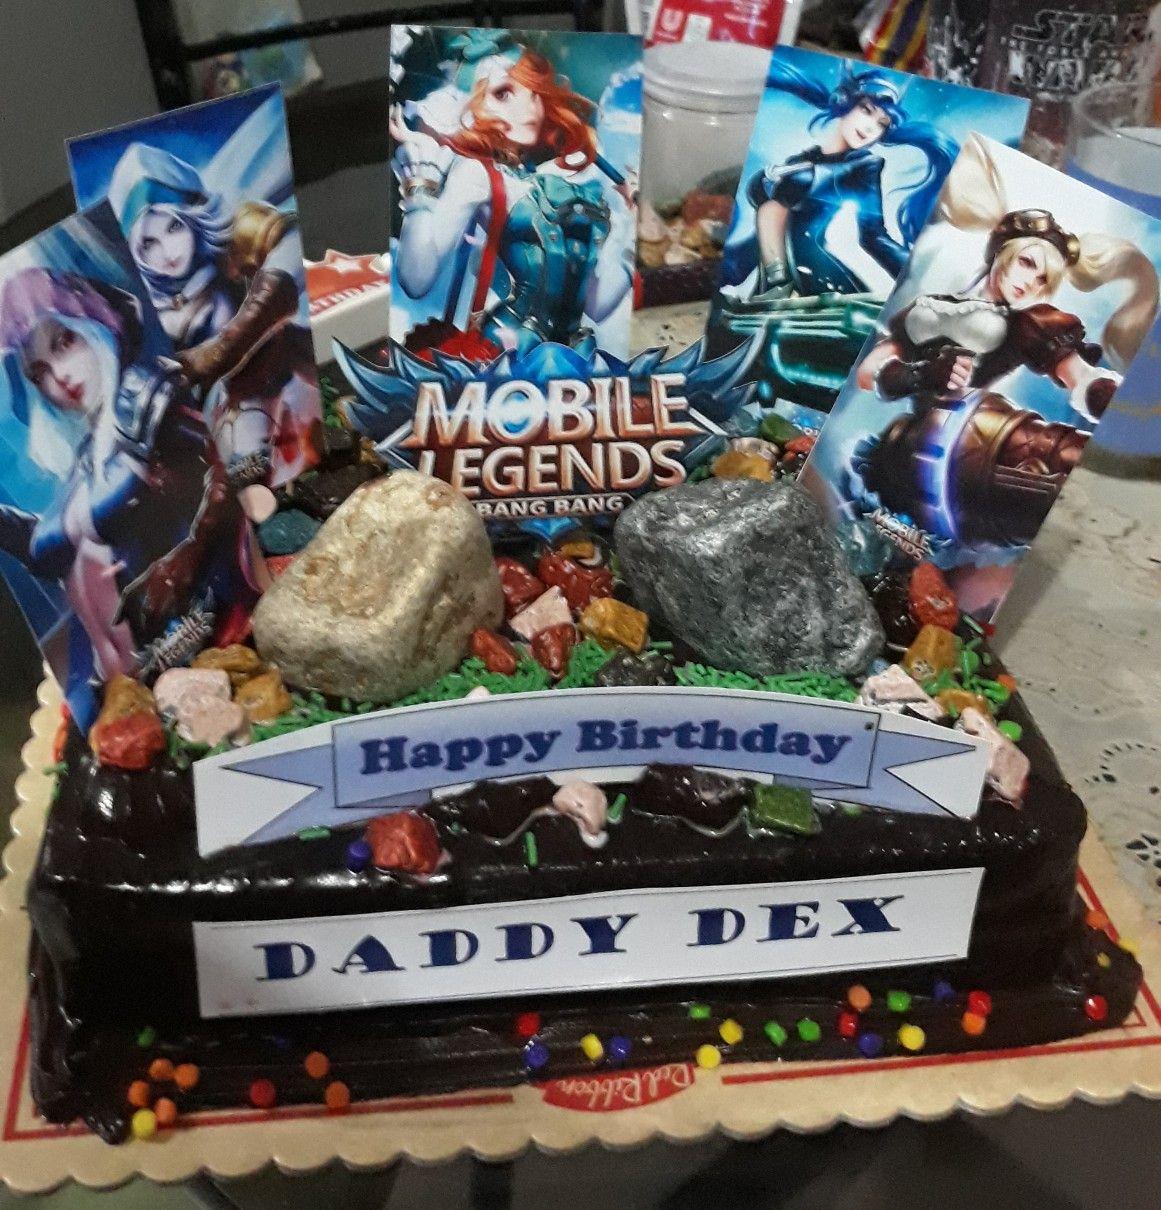 Mobile Legends Themed Cake Mobilelegends Mobilelegendscake Happy Birthday Daddy Mobile Legends Birthday Cake Kids